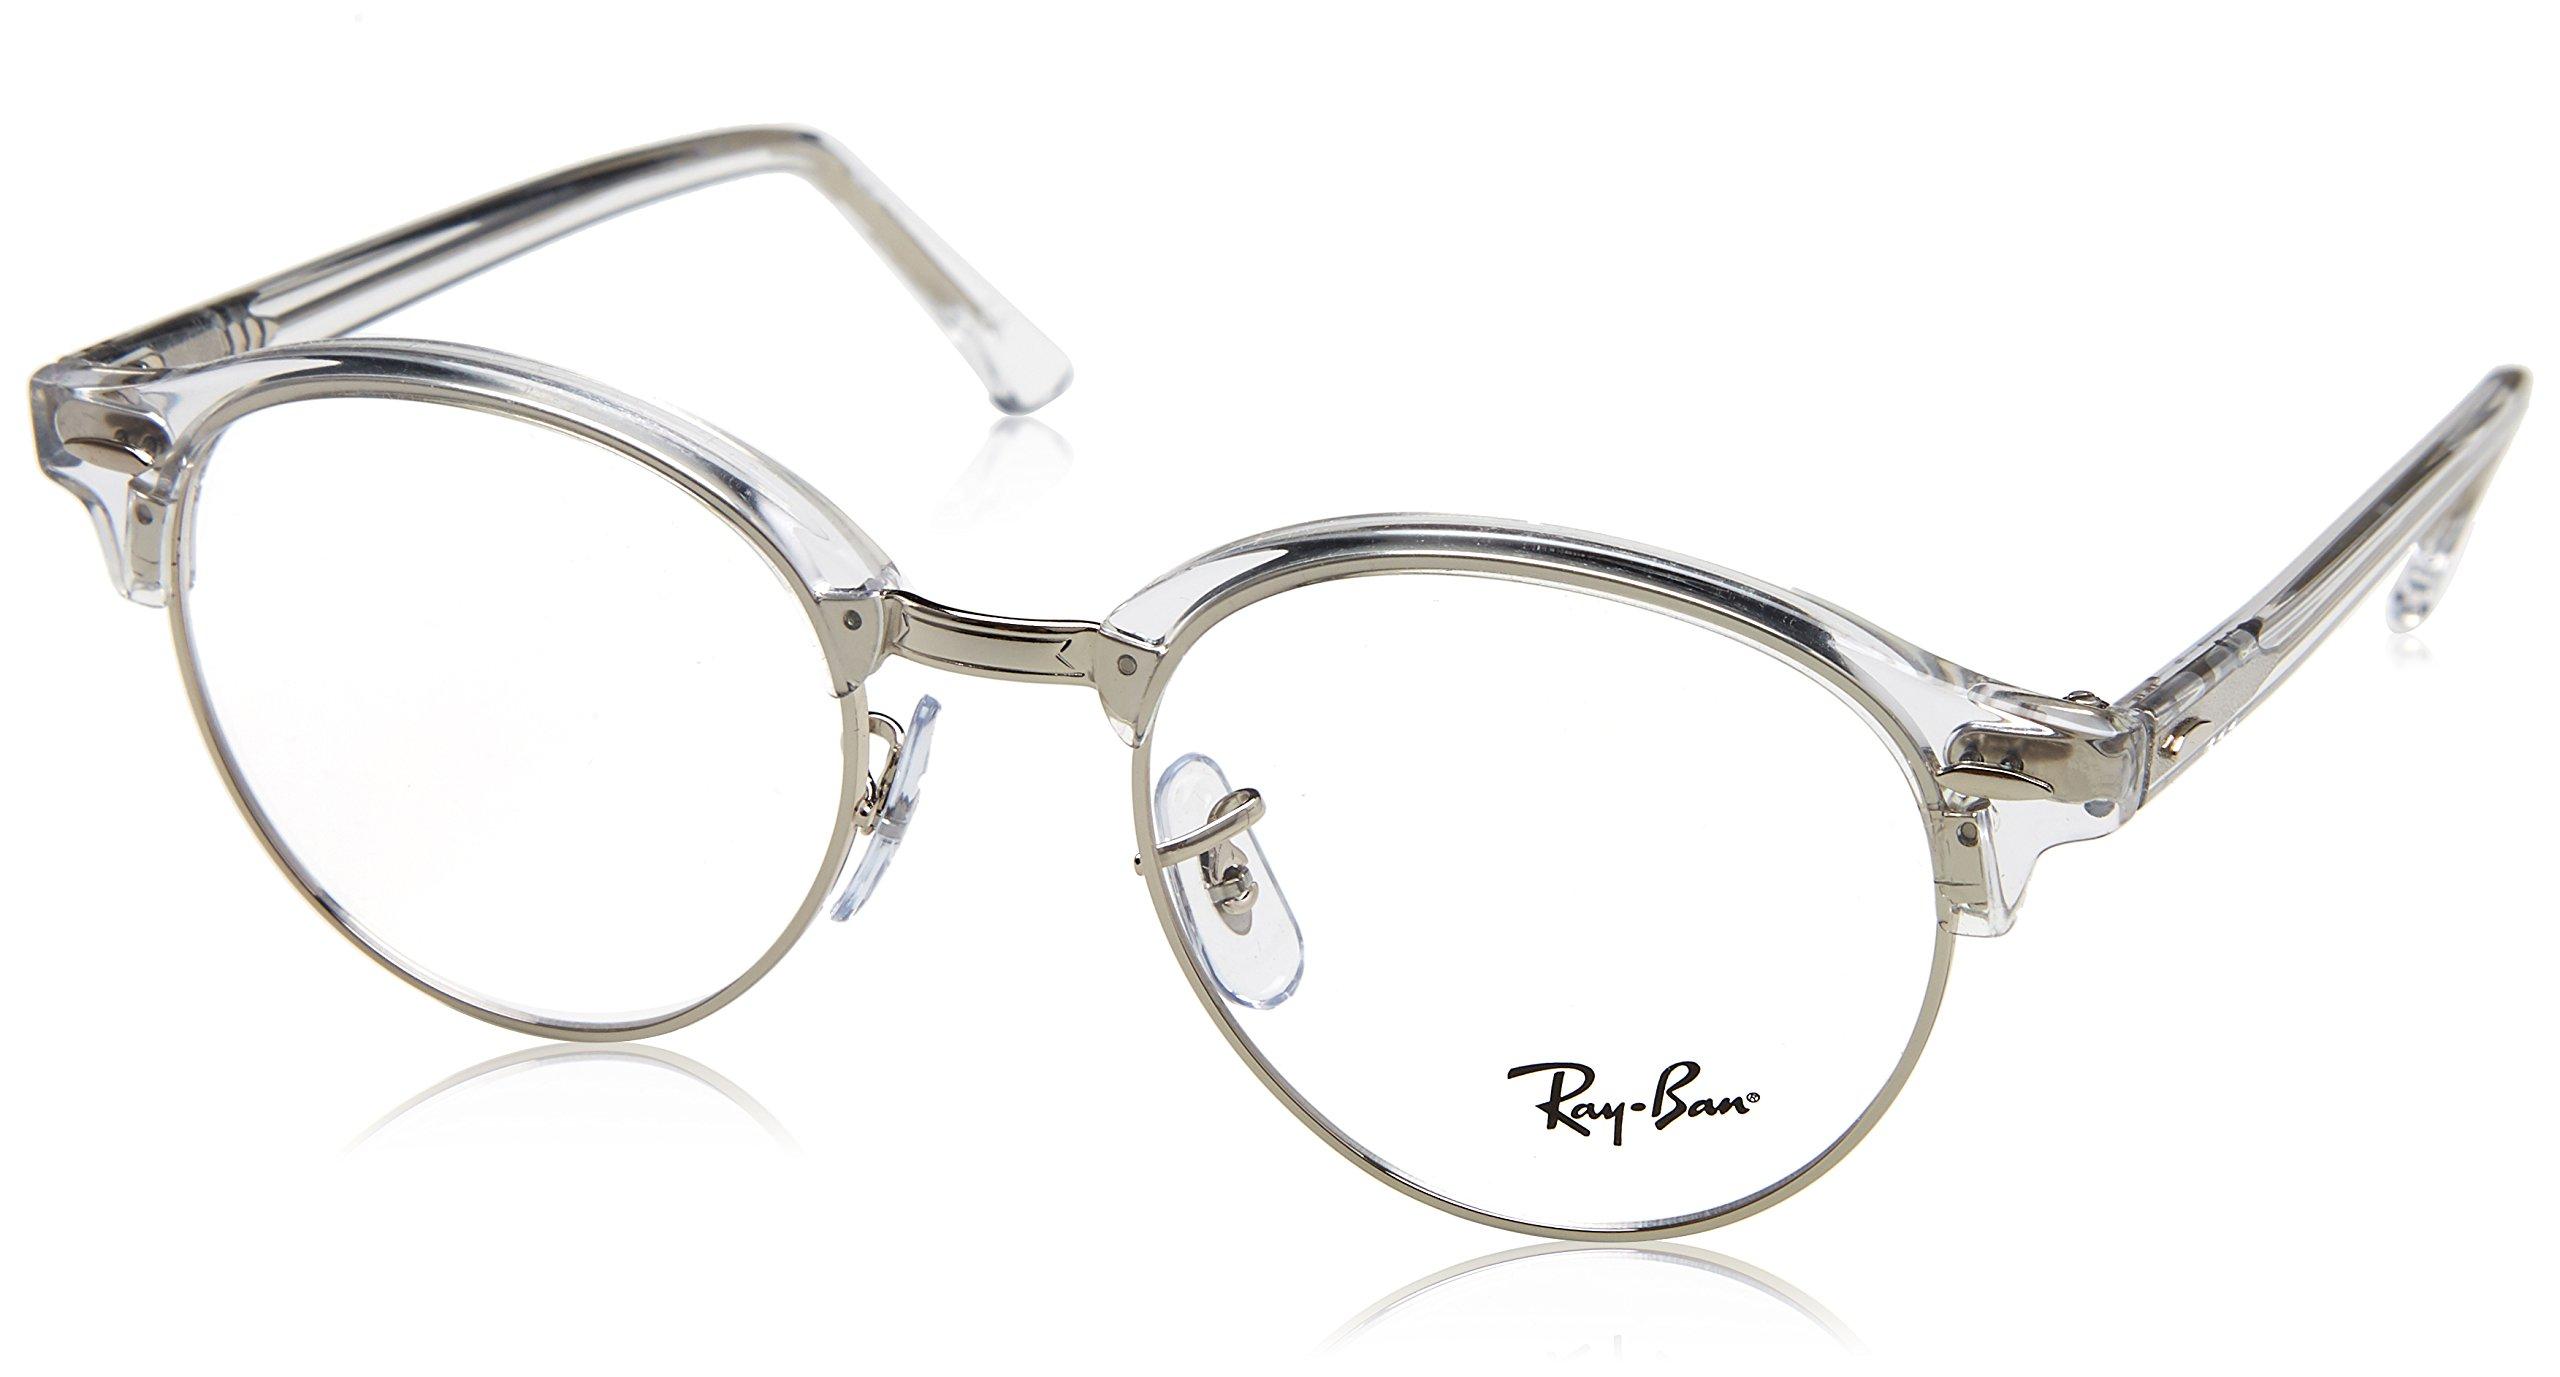 Ray-Ban RX4246V Clubround Eyeglass Frames, White Transparent/Demo Lens, 49 mm